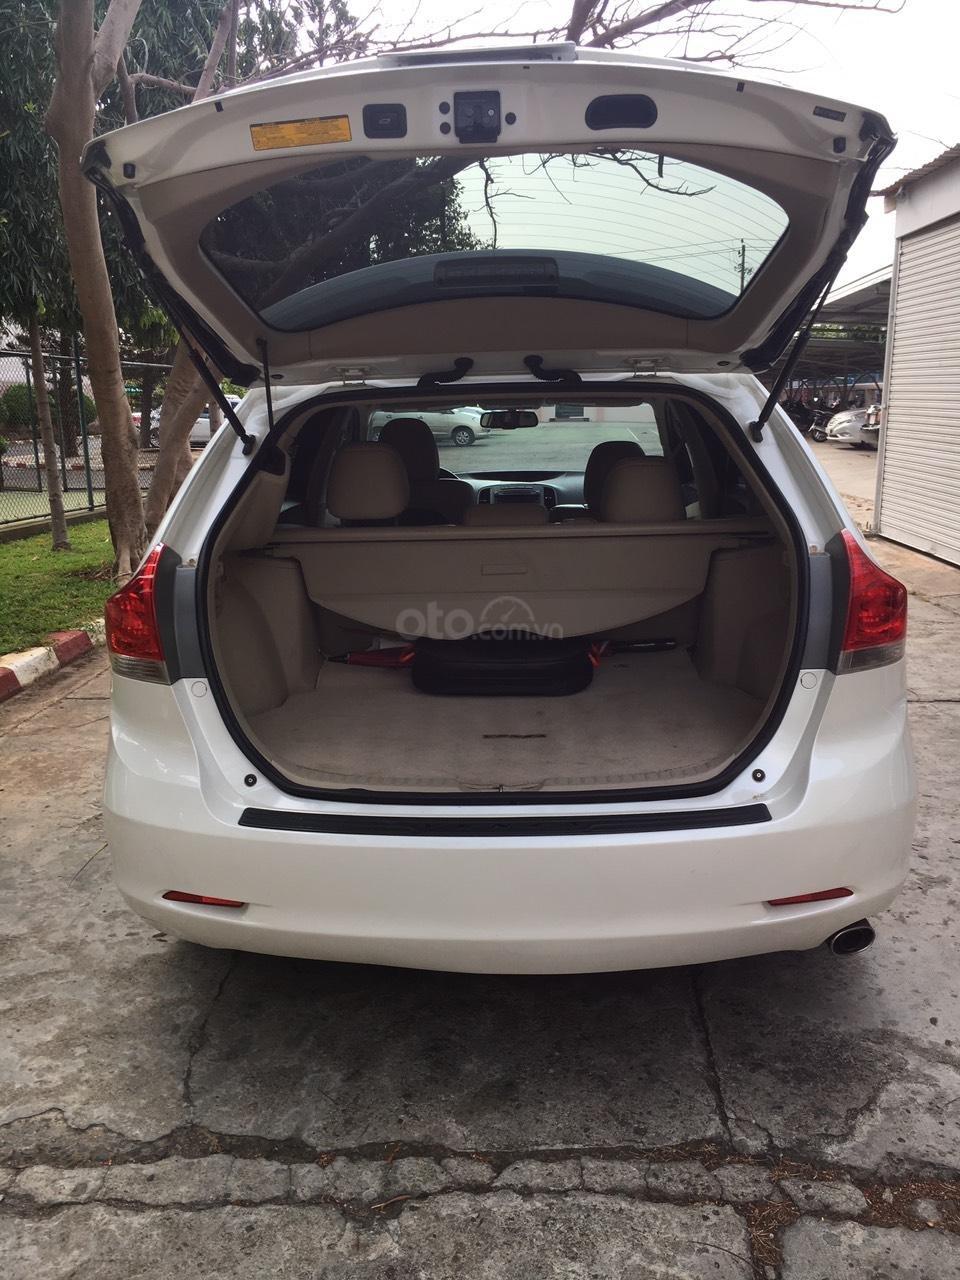 Cần bán 01 xe Toyota Venza, xe nhà it đi, nội thất ok-2